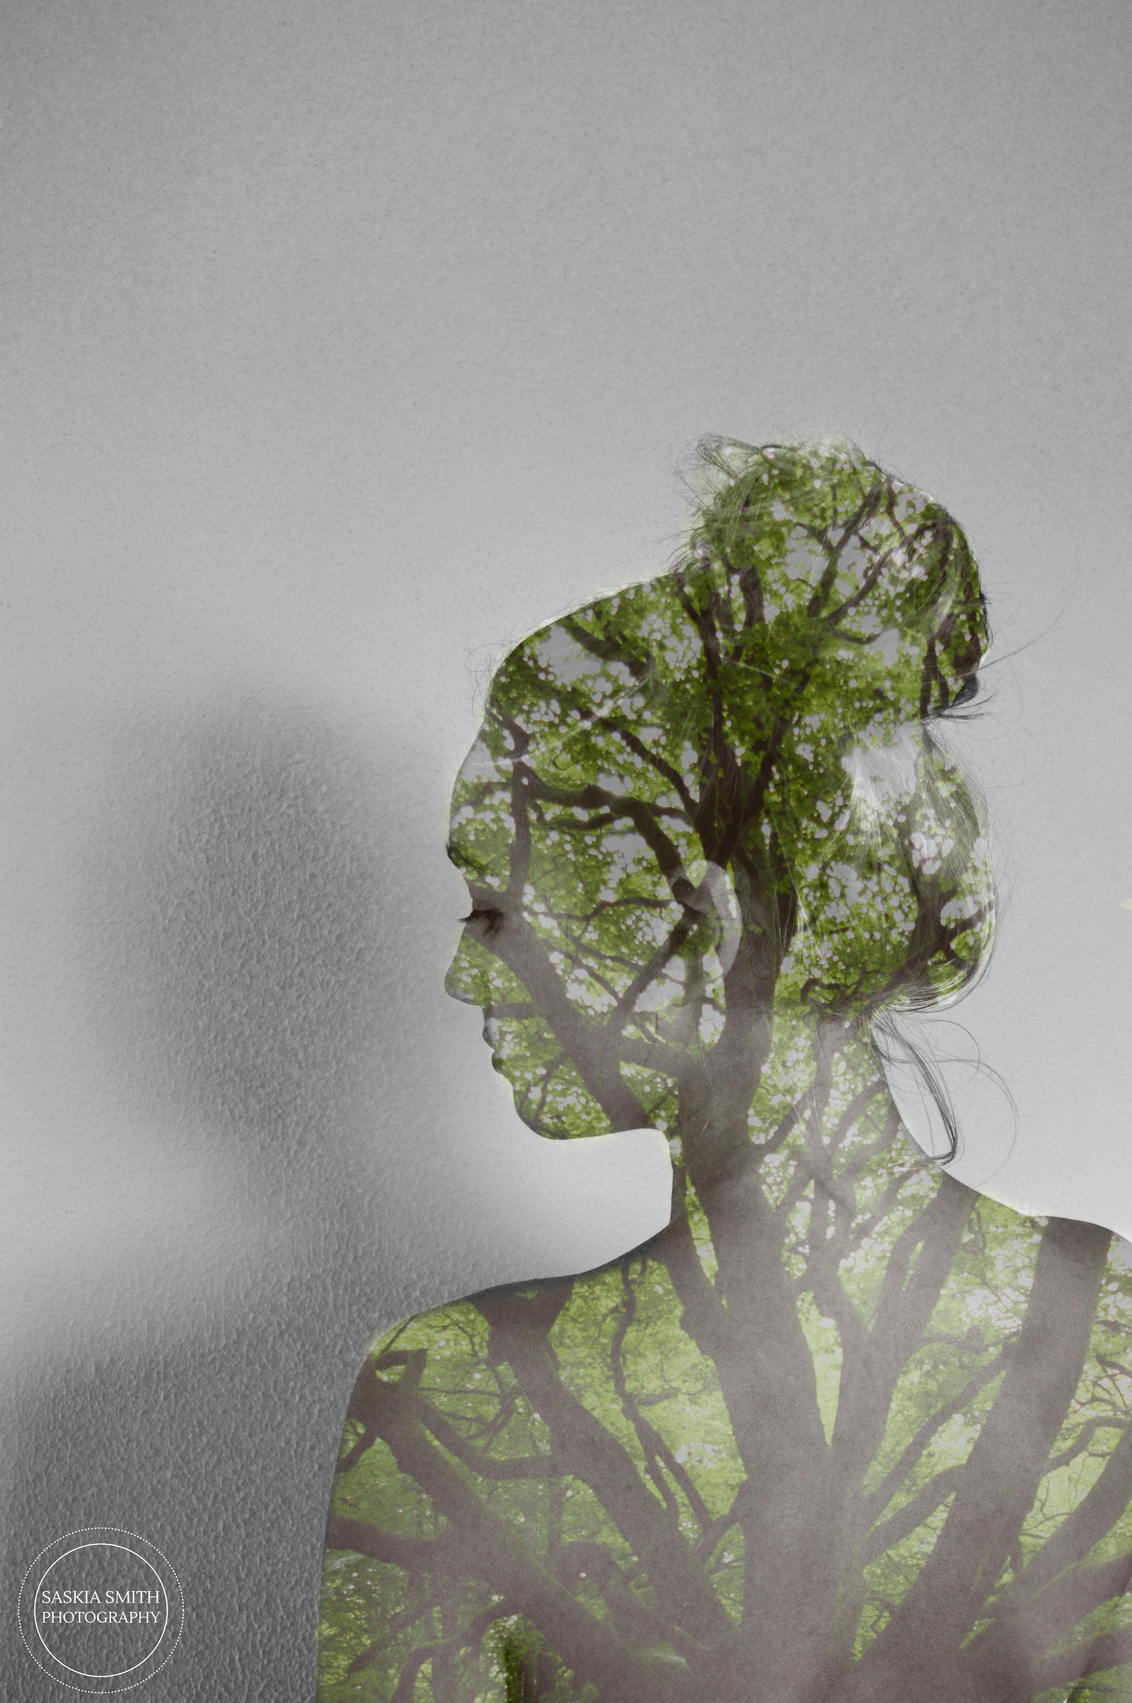 Nature's Veins - Nature's Veins  To never forget that we are one with nature. - foto door Saskia13-Smith13 op 27-11-2015 - deze foto bevat: groen, boom, natuur, licht, portret, meisje, bewerking, sfeer, contrast, creatief, manipulatie